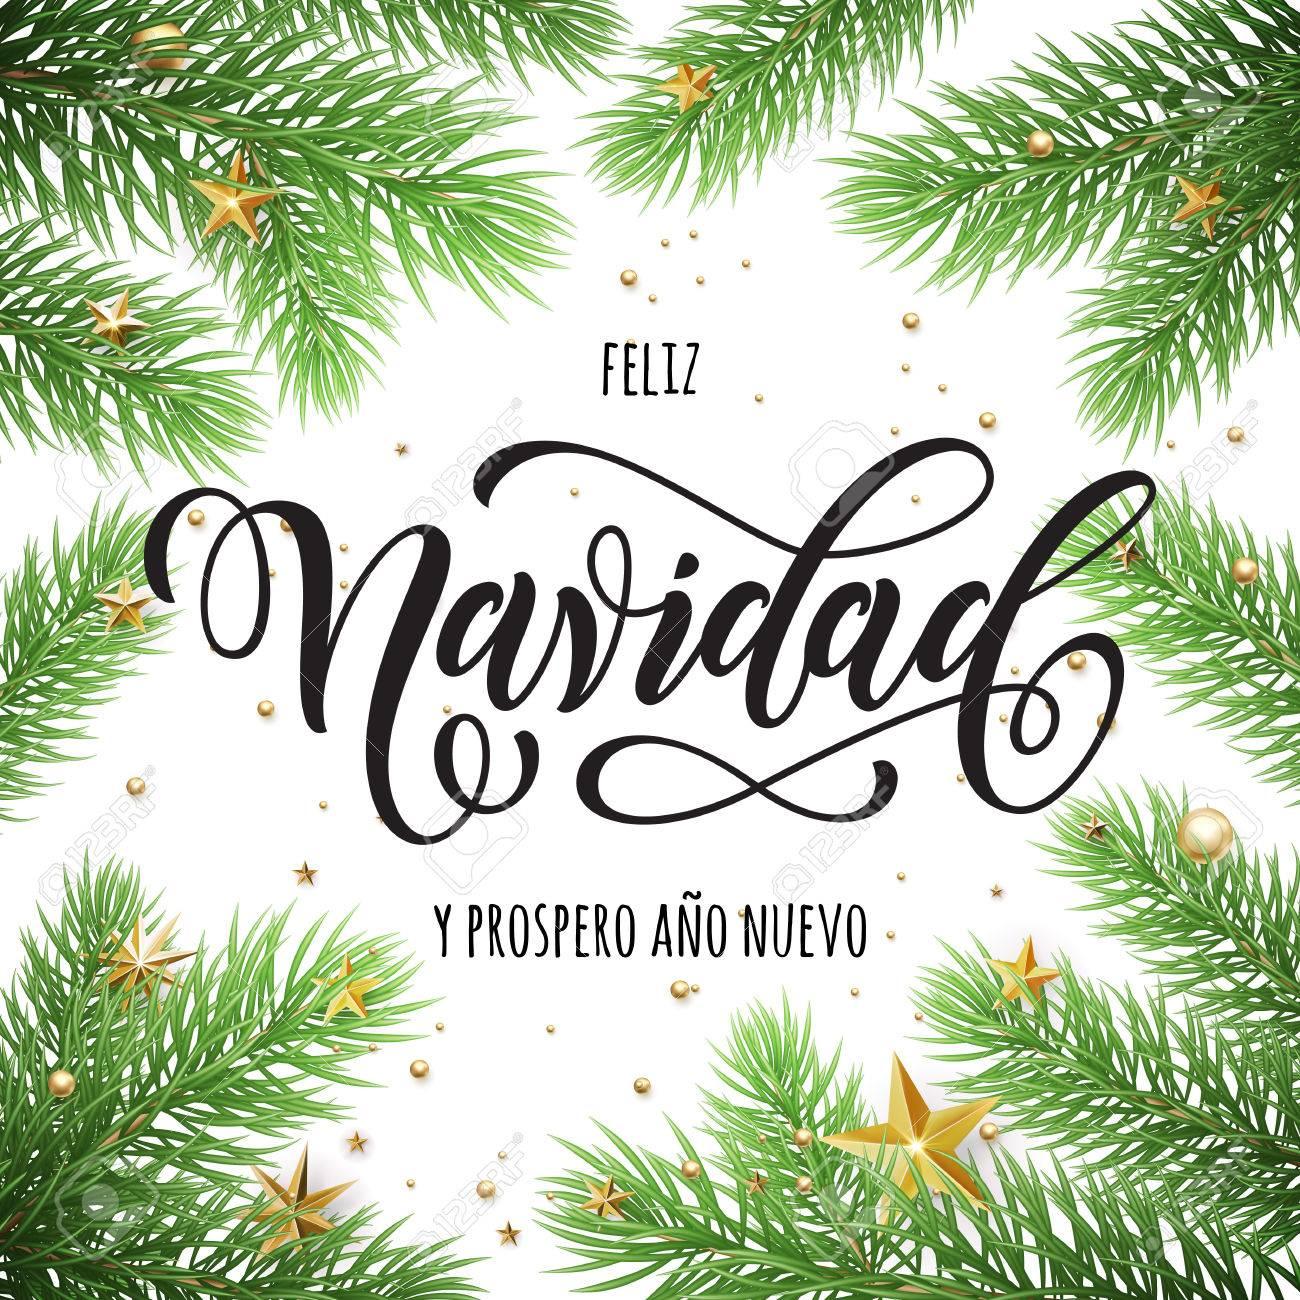 Feliz Navidad Y Prospero Ano Nuevo Spanish Merry Christmas And ...